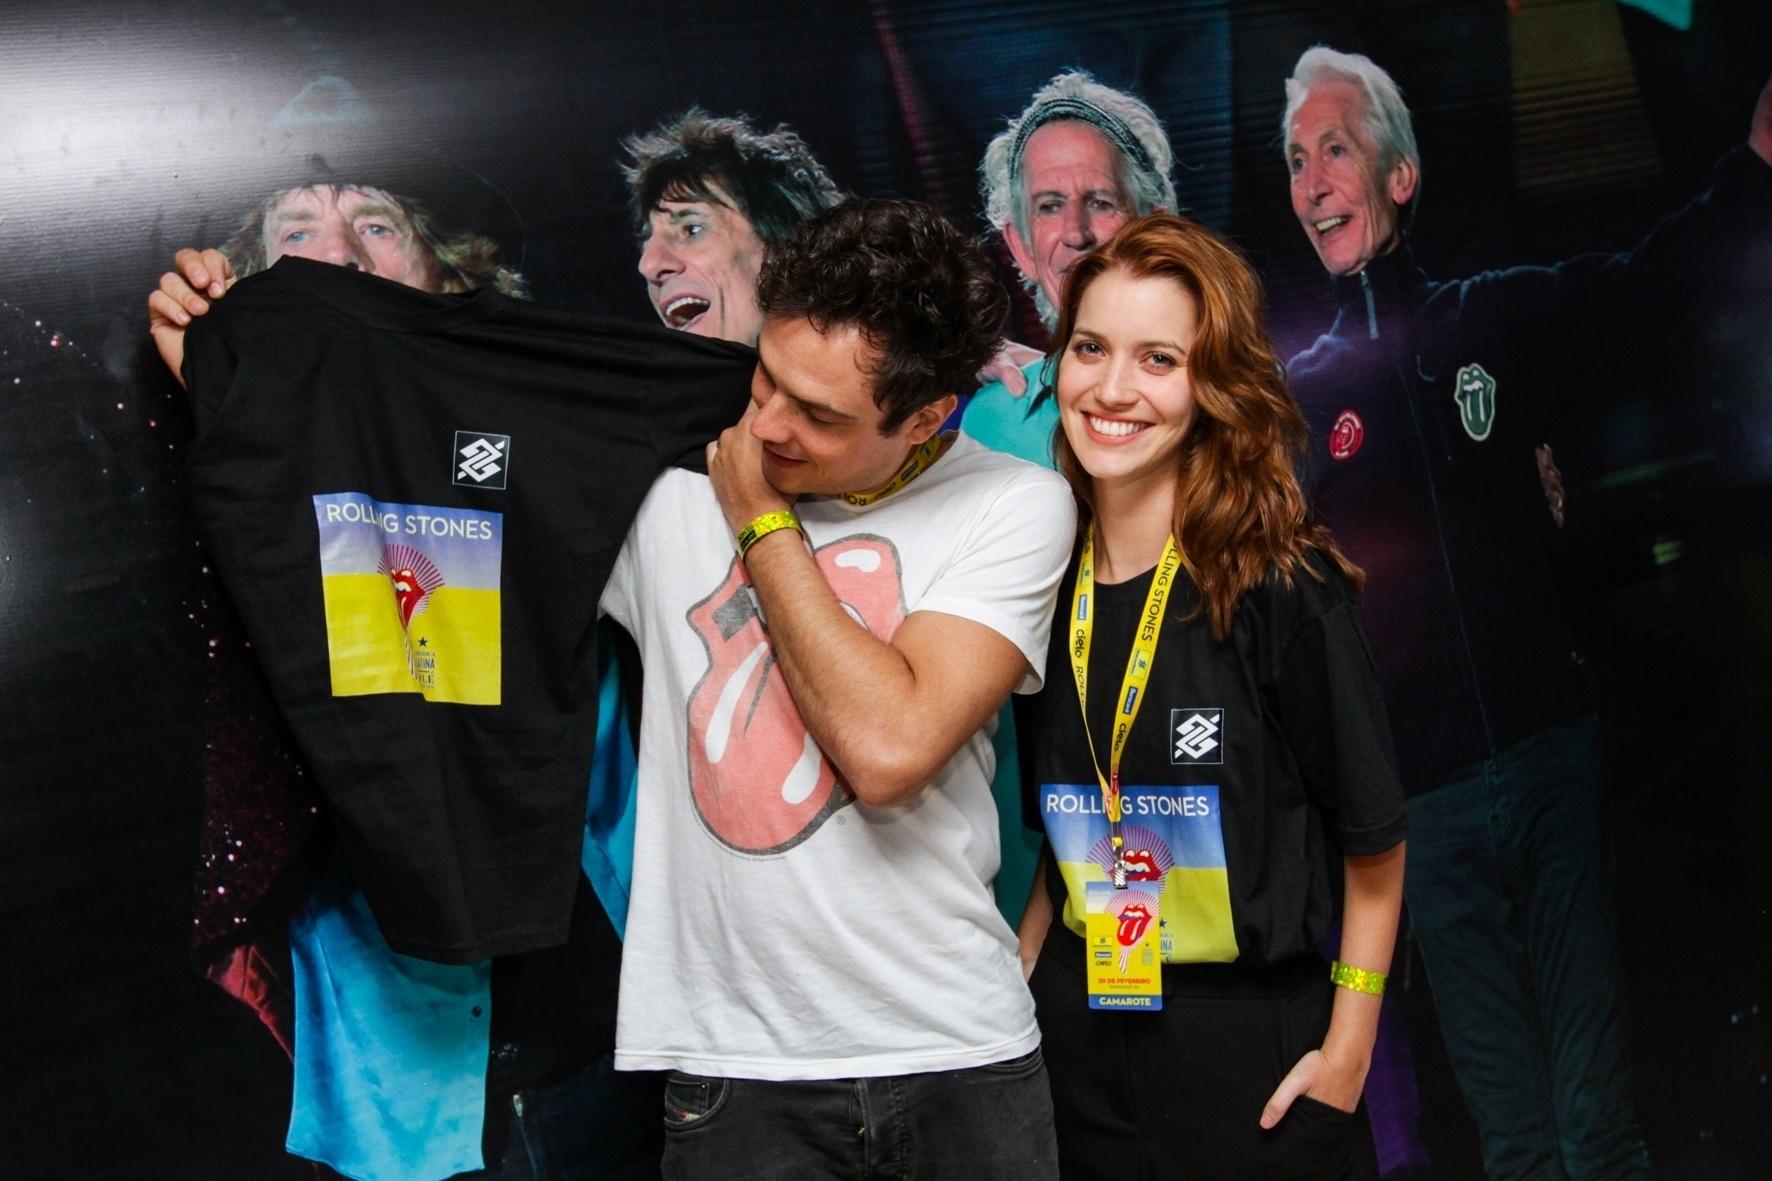 20.fev.2016 - Os atores Nathalia Dill e Sérgio Guize posam abraçadinhos antes do show dos Rolling Stones no Maracanã, no Rio